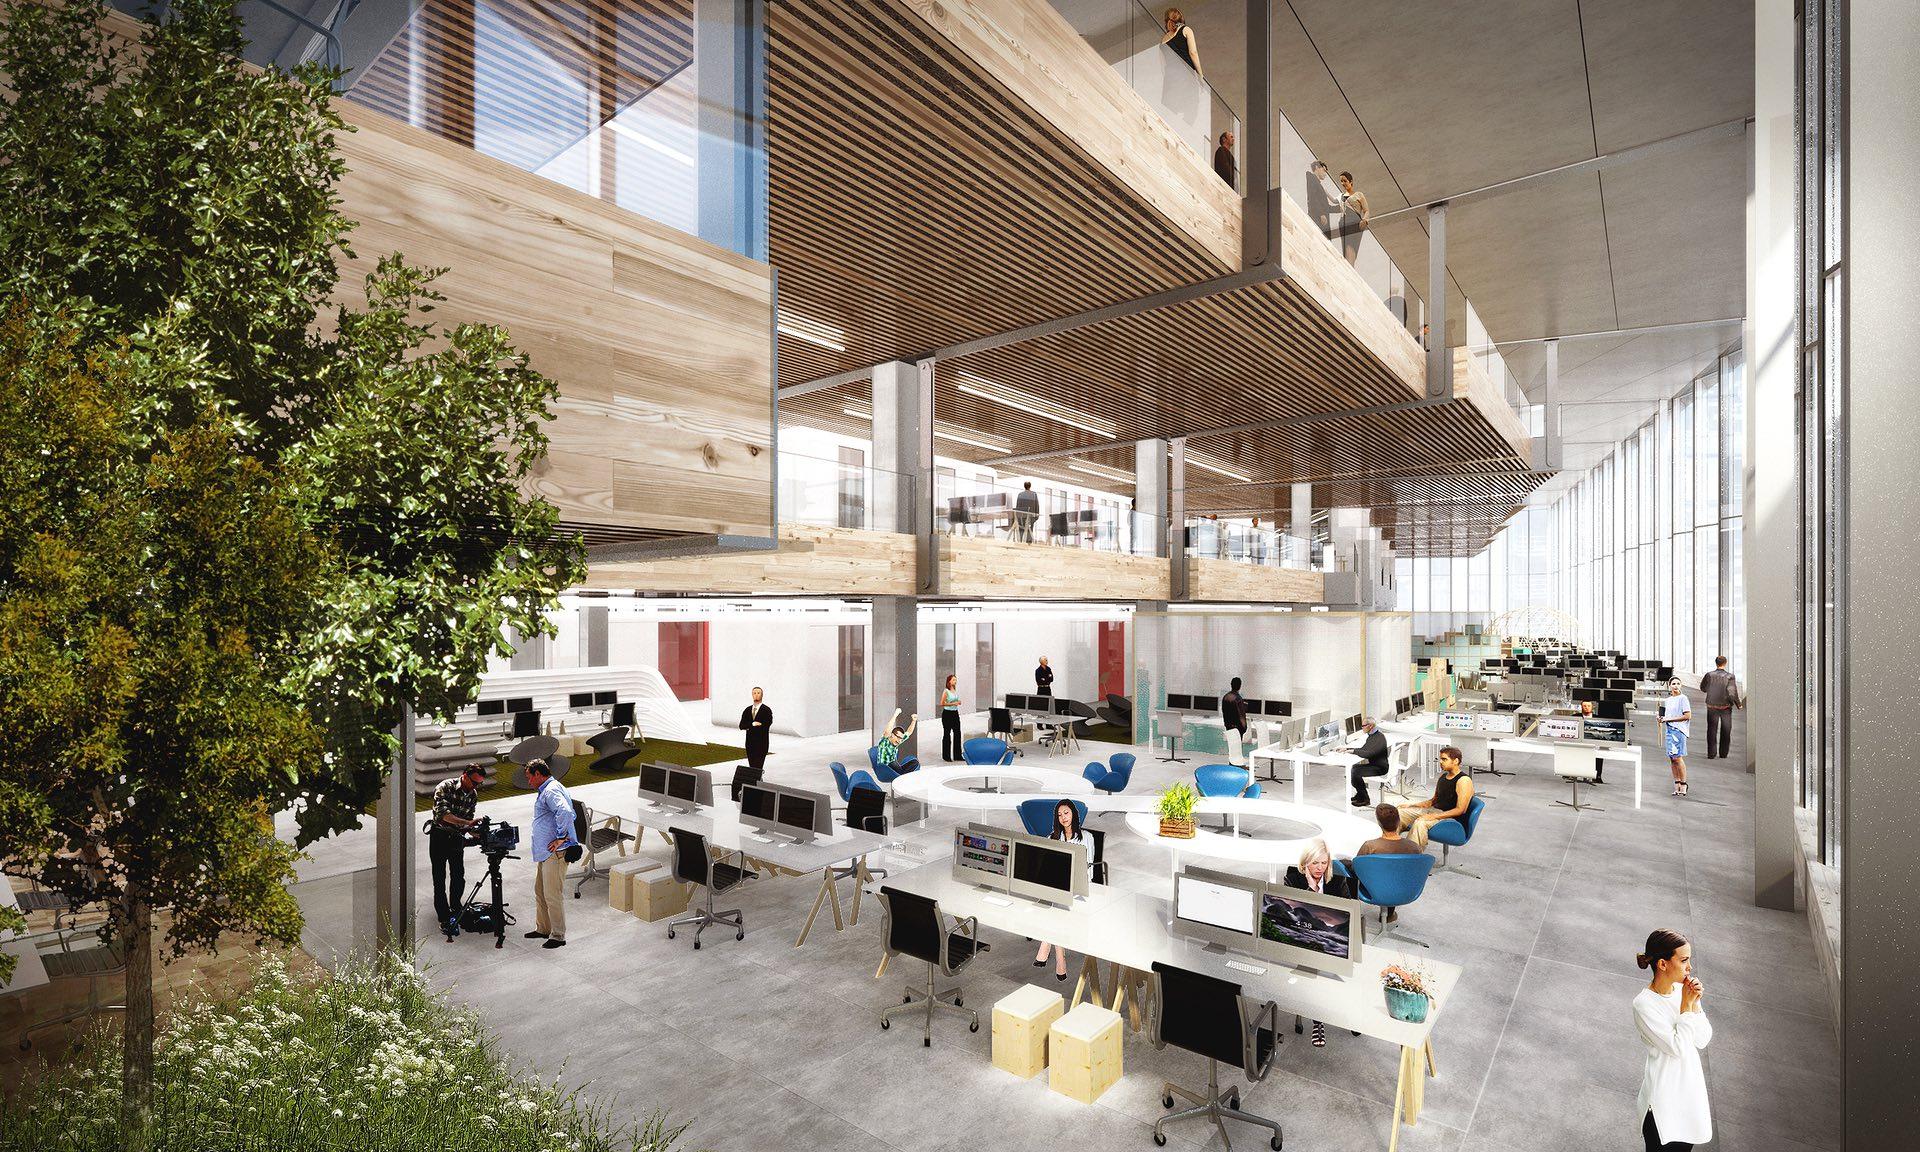 Внутри здания, помимоофисных помещений, запланированы кинозал, спортзал, 25-метровый бассейн, площадки дляспортивныхигр, массажный кабинет идругие зоны отдыха